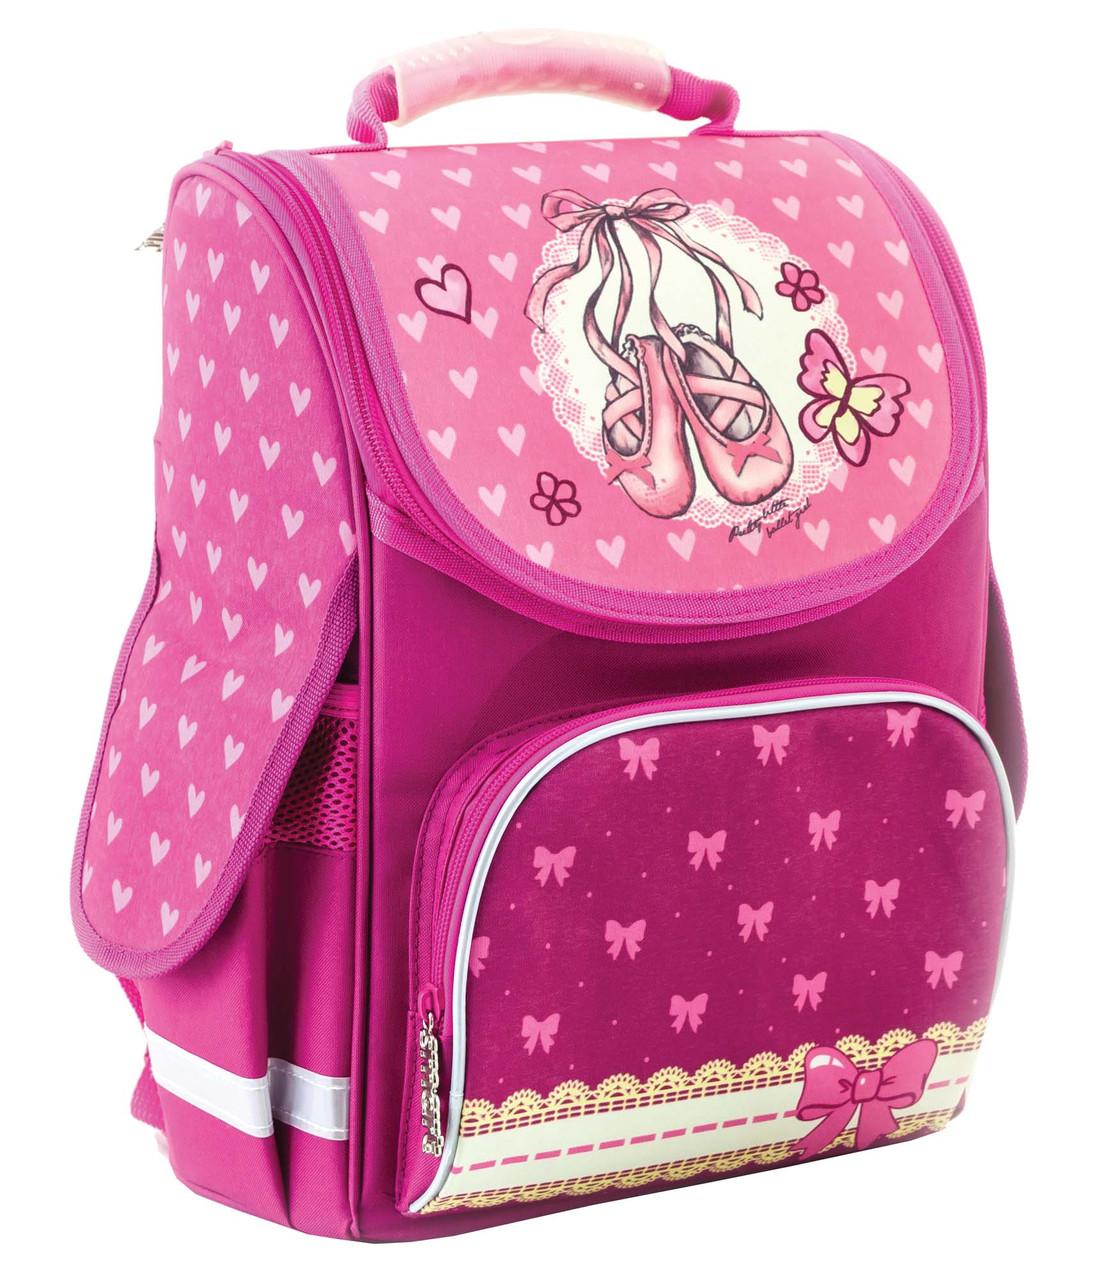 Школьные рюкзаки 1 вересня купить рюкзаки tasmanian tiger first responder 2